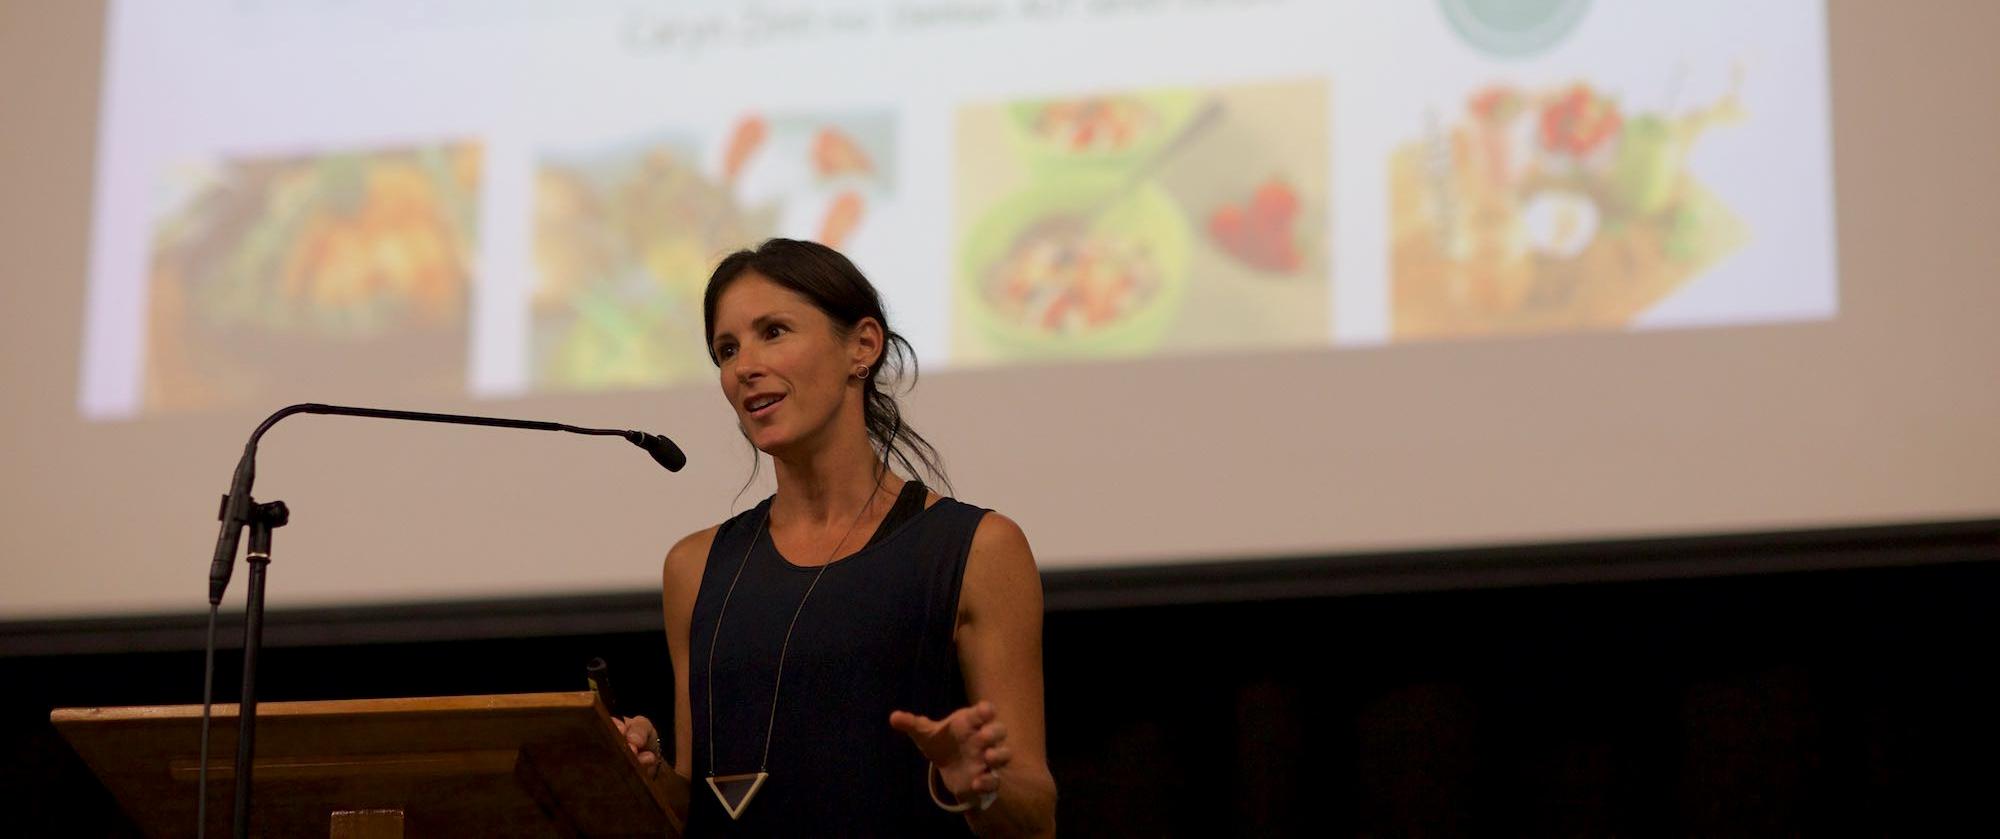 Dietician Caryn Zinn